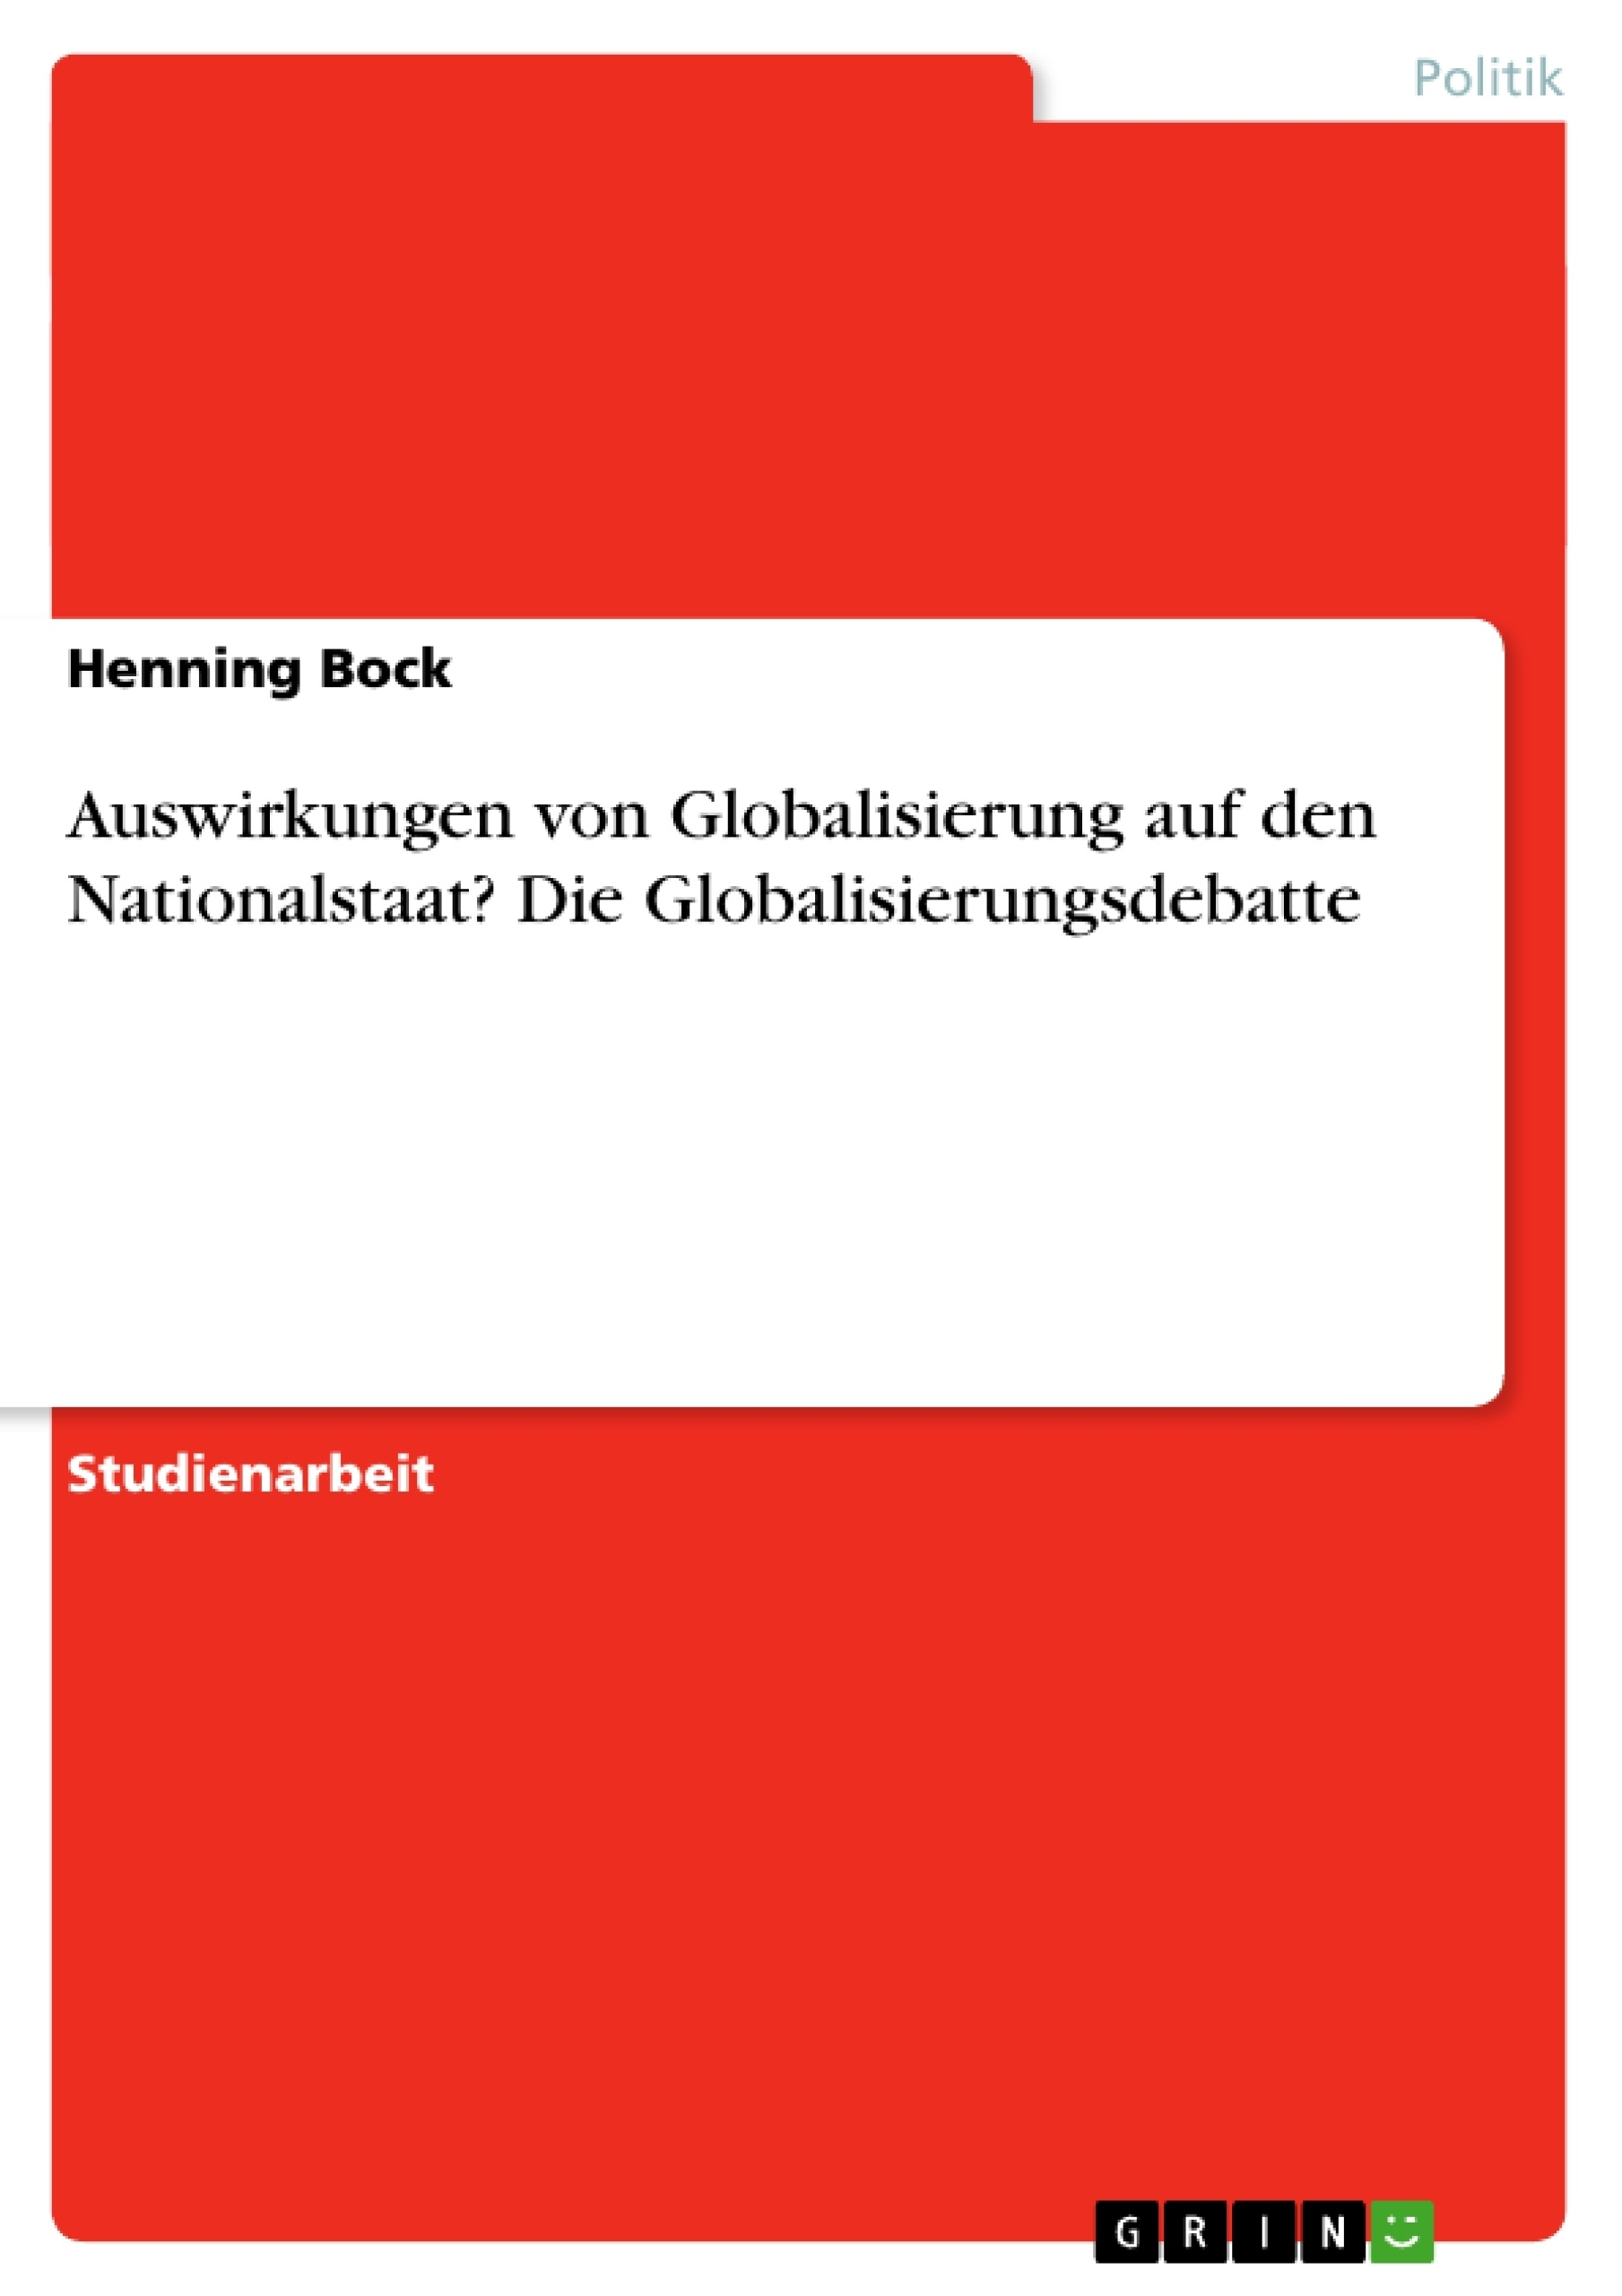 Titel: Auswirkungen von Globalisierung auf den Nationalstaat? Die Globalisierungsdebatte